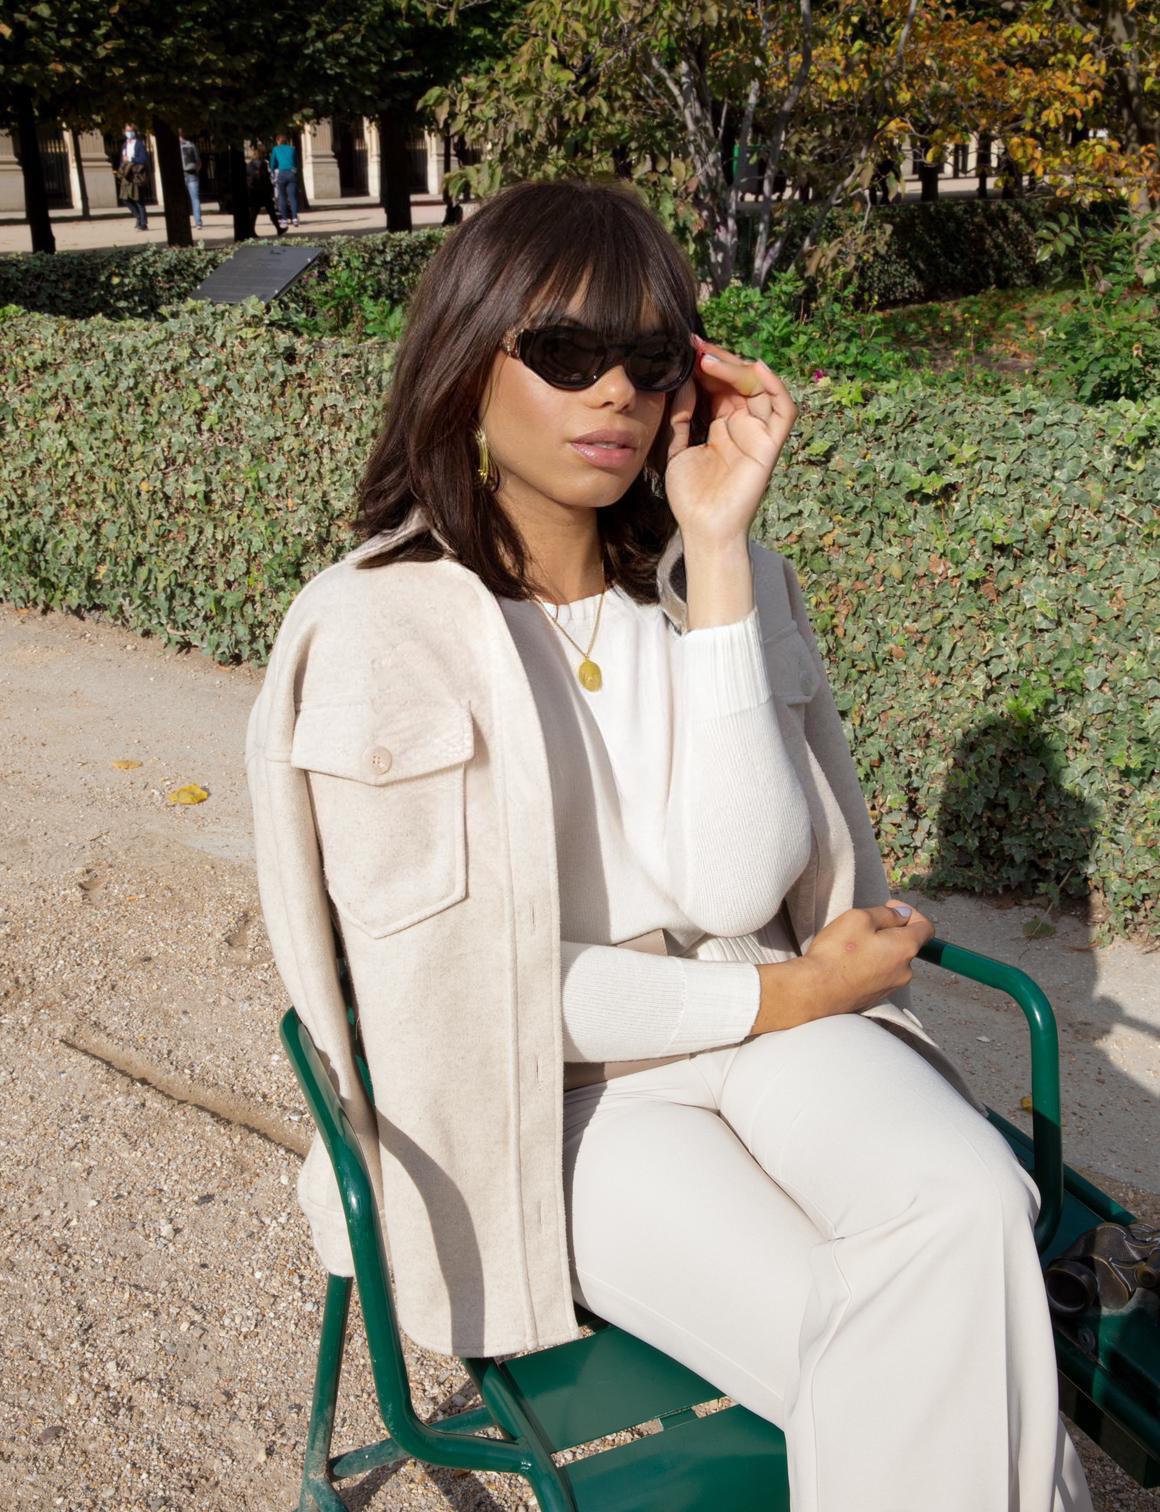 Valentina Saluz posa sentada em praça com óculos escuros e roupas brancas.